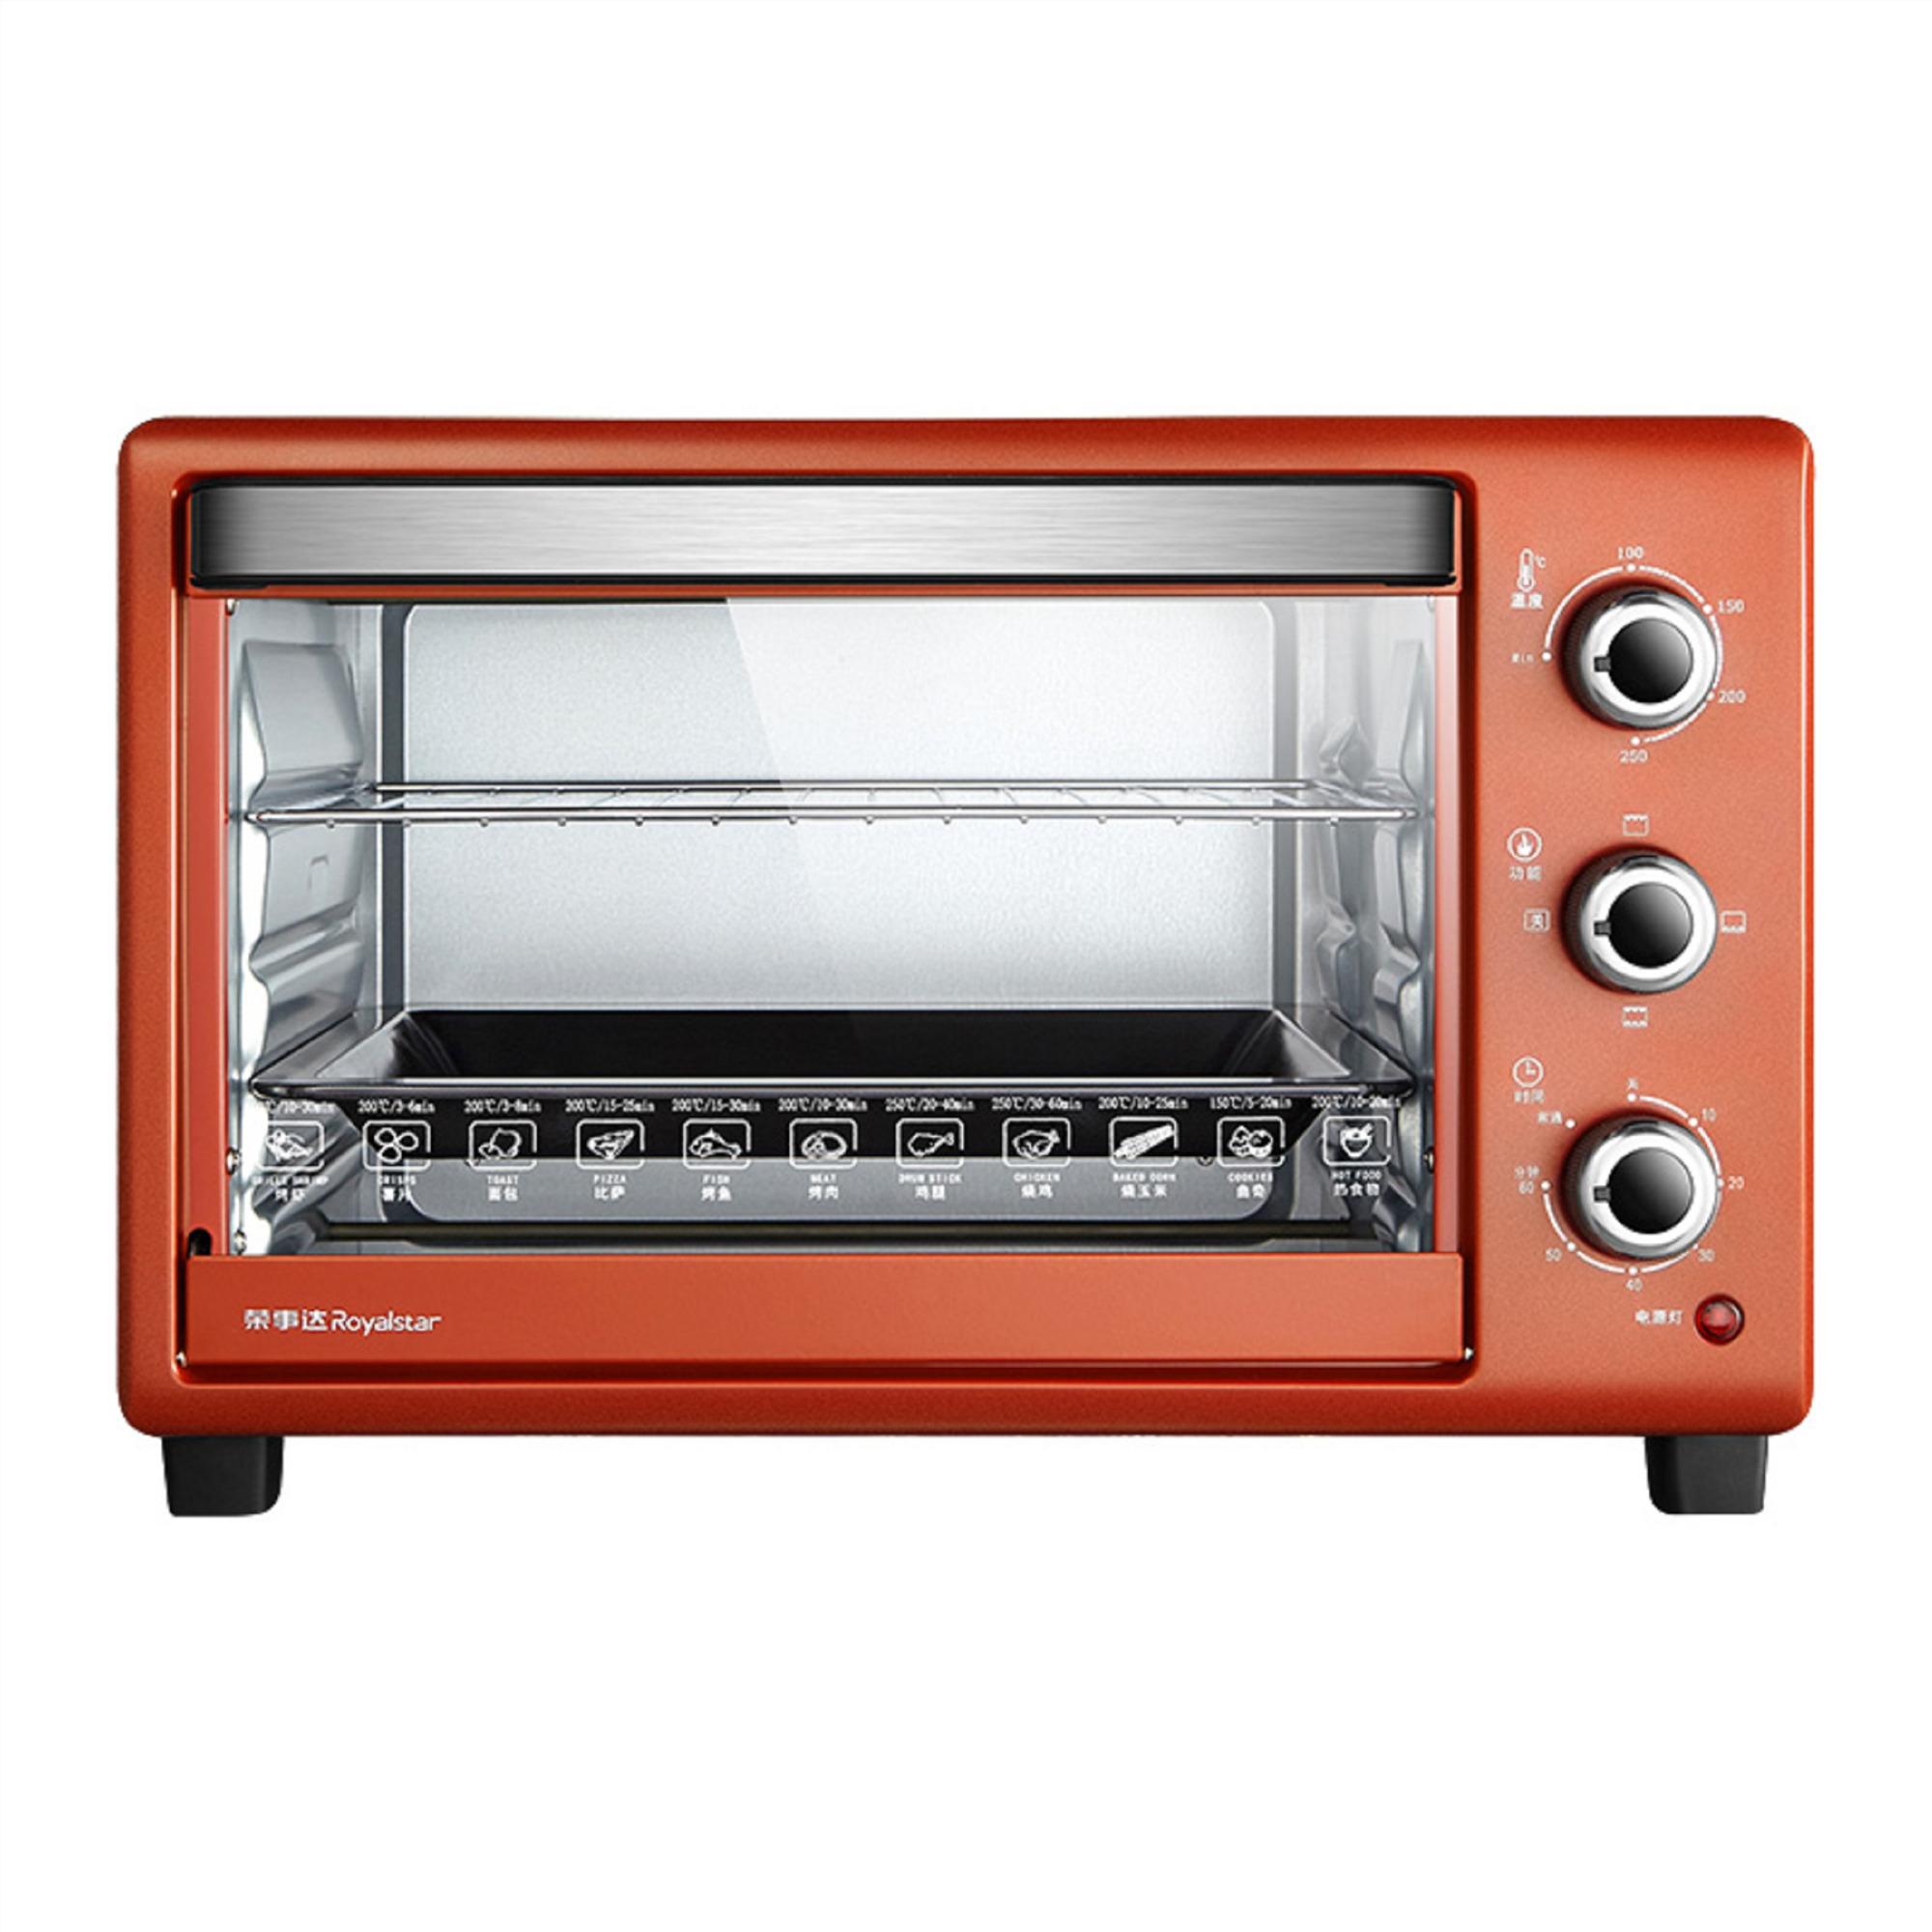 荣事达30升电烤箱RK-30G